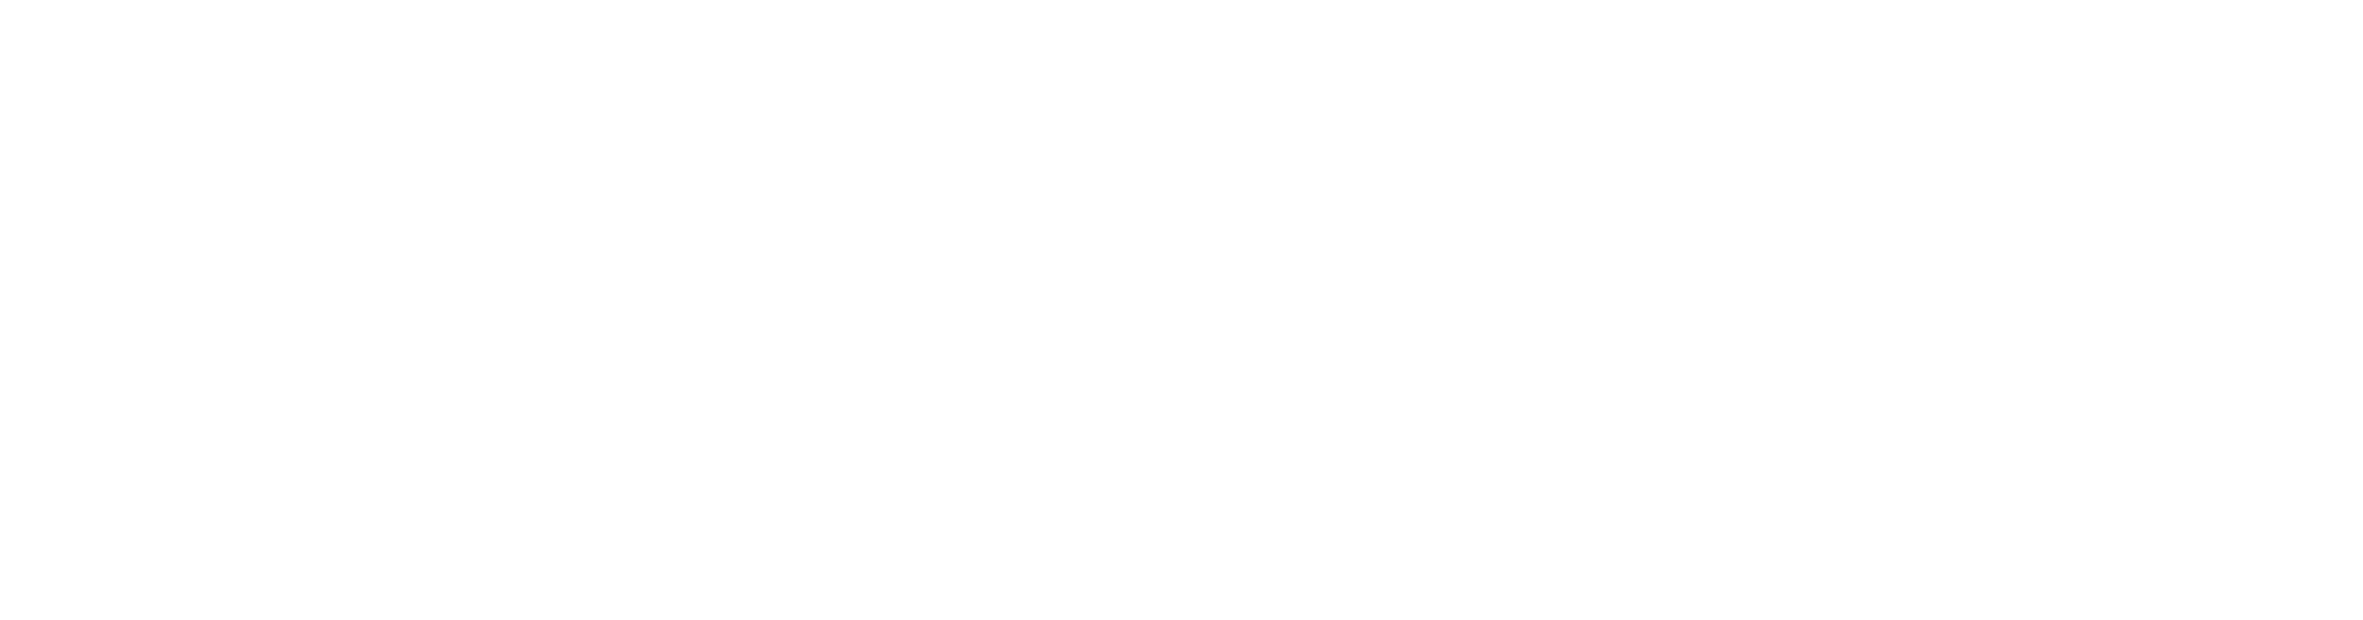 bonuses value